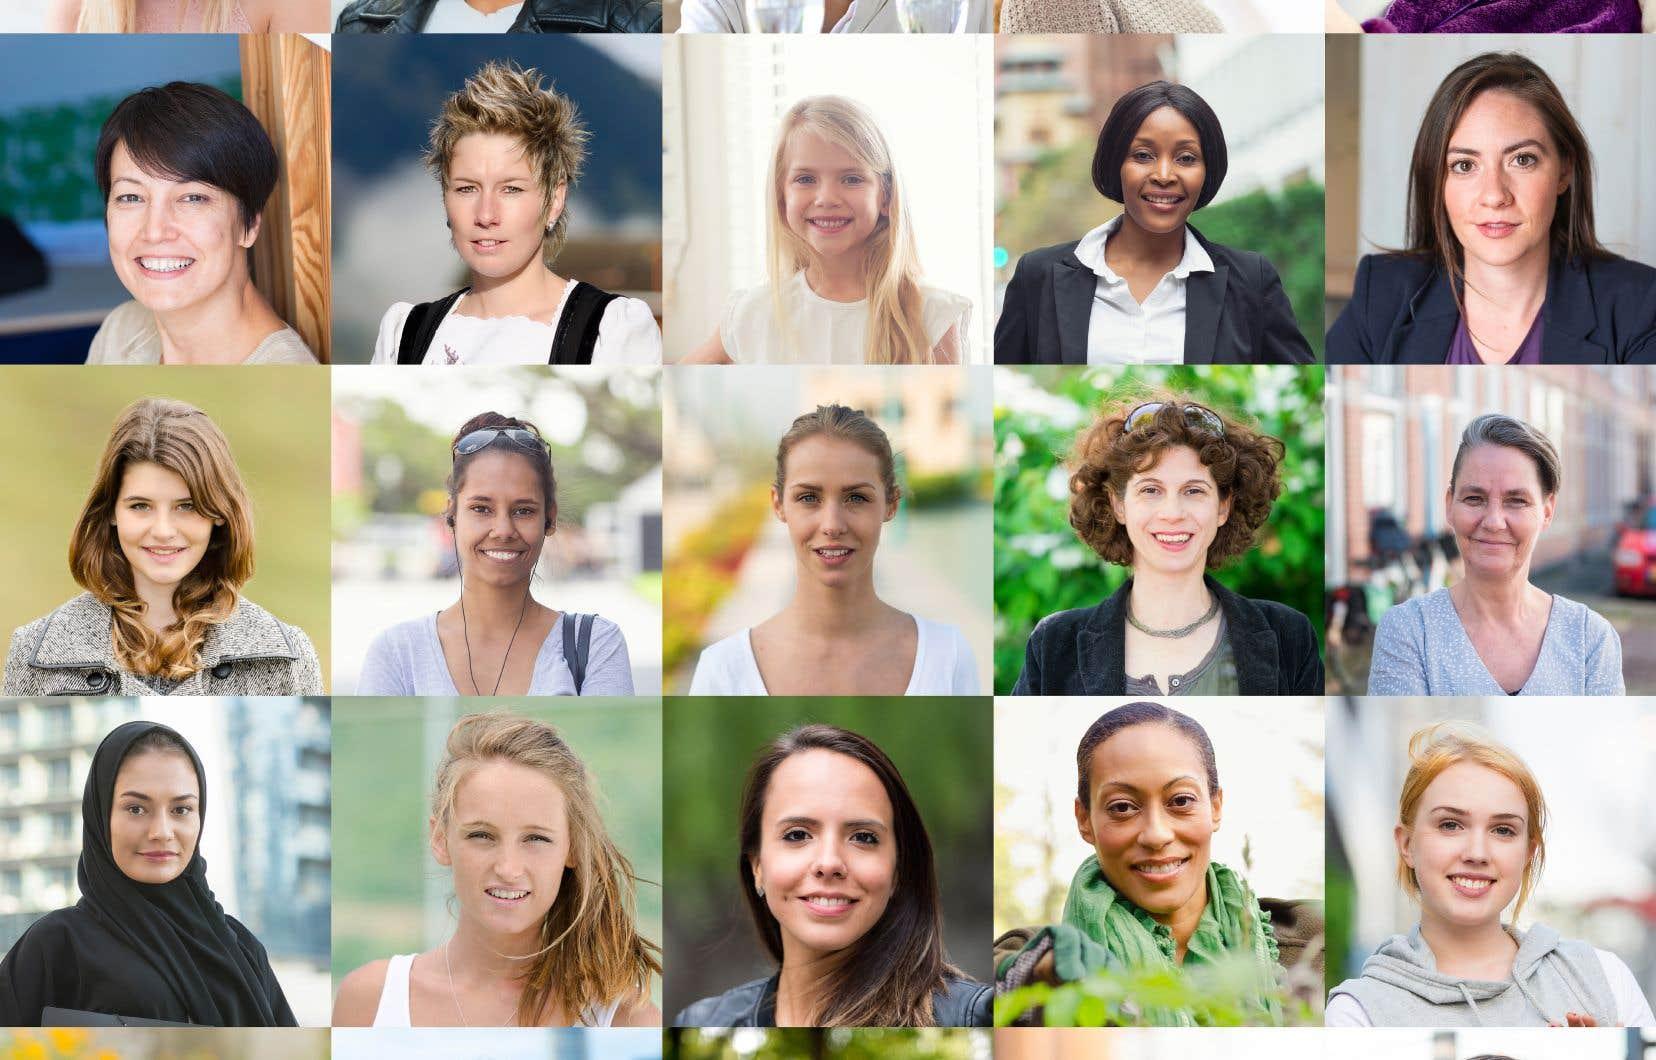 «Les femmes ne parlent pas d'une seule et même voix, tout comme les hommes», affirme la vice-présidente de la CSN.